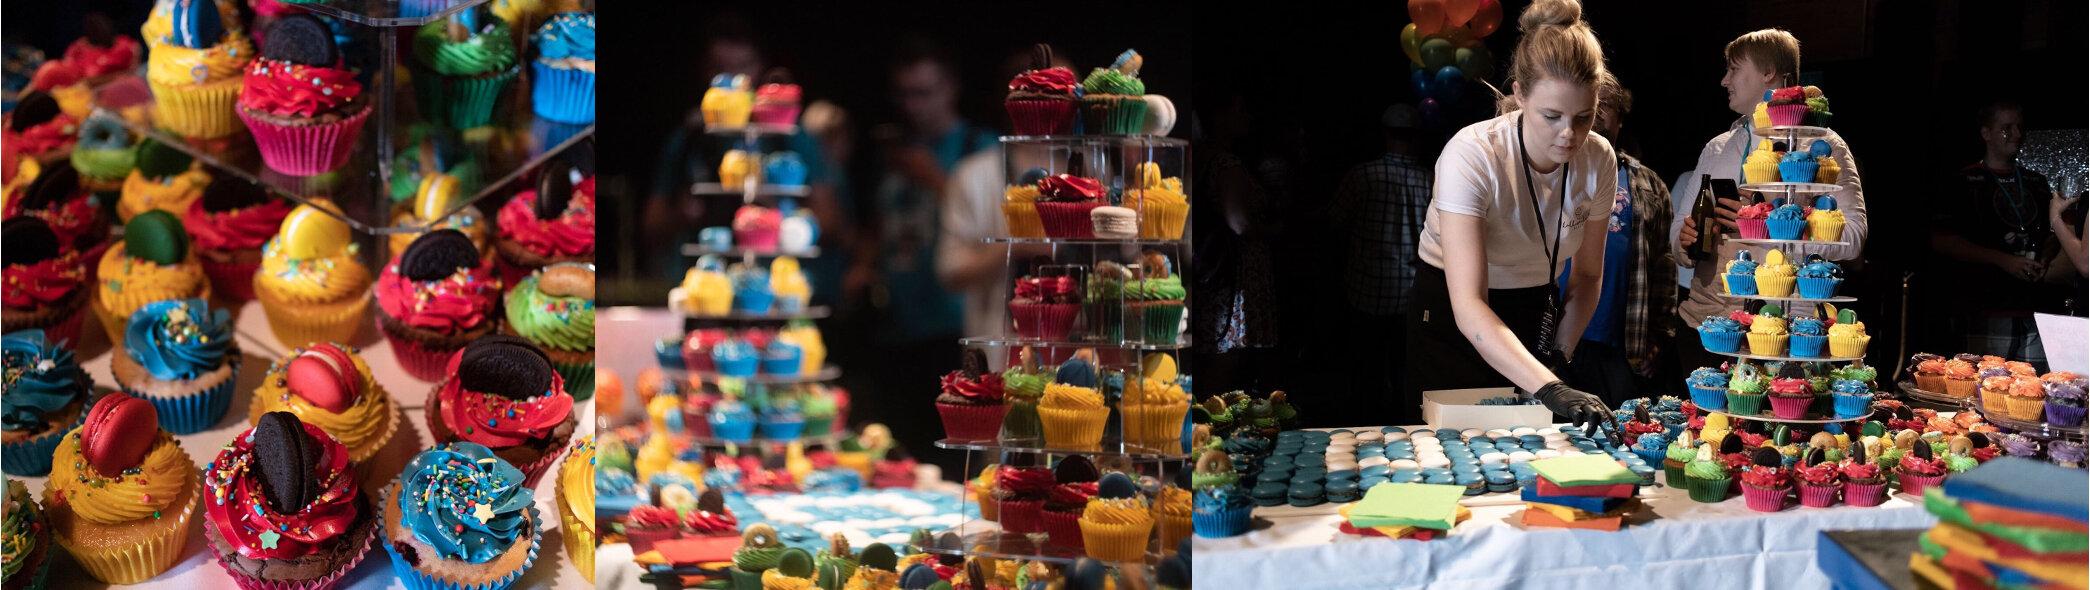 Colossal Order juhli 10-vuotissyntymäpäiviään Pakkahuoneella. Teemana oli festarit ja paikalle haluttiin näyttävä ja mahdollisimman överi muffinssipöytä sateenkaaren väreissä. Perinteiseen kakkutarjoiluun verrattuna tämä sopi festaritunnelmaan loistavasti. Tarjottavaa oli noin neljälle sadalle, muffinsseja neljässä eri maussa ja lisäksi myös gluteenittomia ja vegaanisia muffinsseja. Muffinssien lisäksi pöydässä oli yrityksen logo macaroneista rakennettuna. Tarjottavat laitettiin esille minulta vuokrattuihin muffinssitelineisiin sekä lasisille kakkuvadeille ja pöydän väriteemaan sopien mukana oli myös värikkäät servetit.